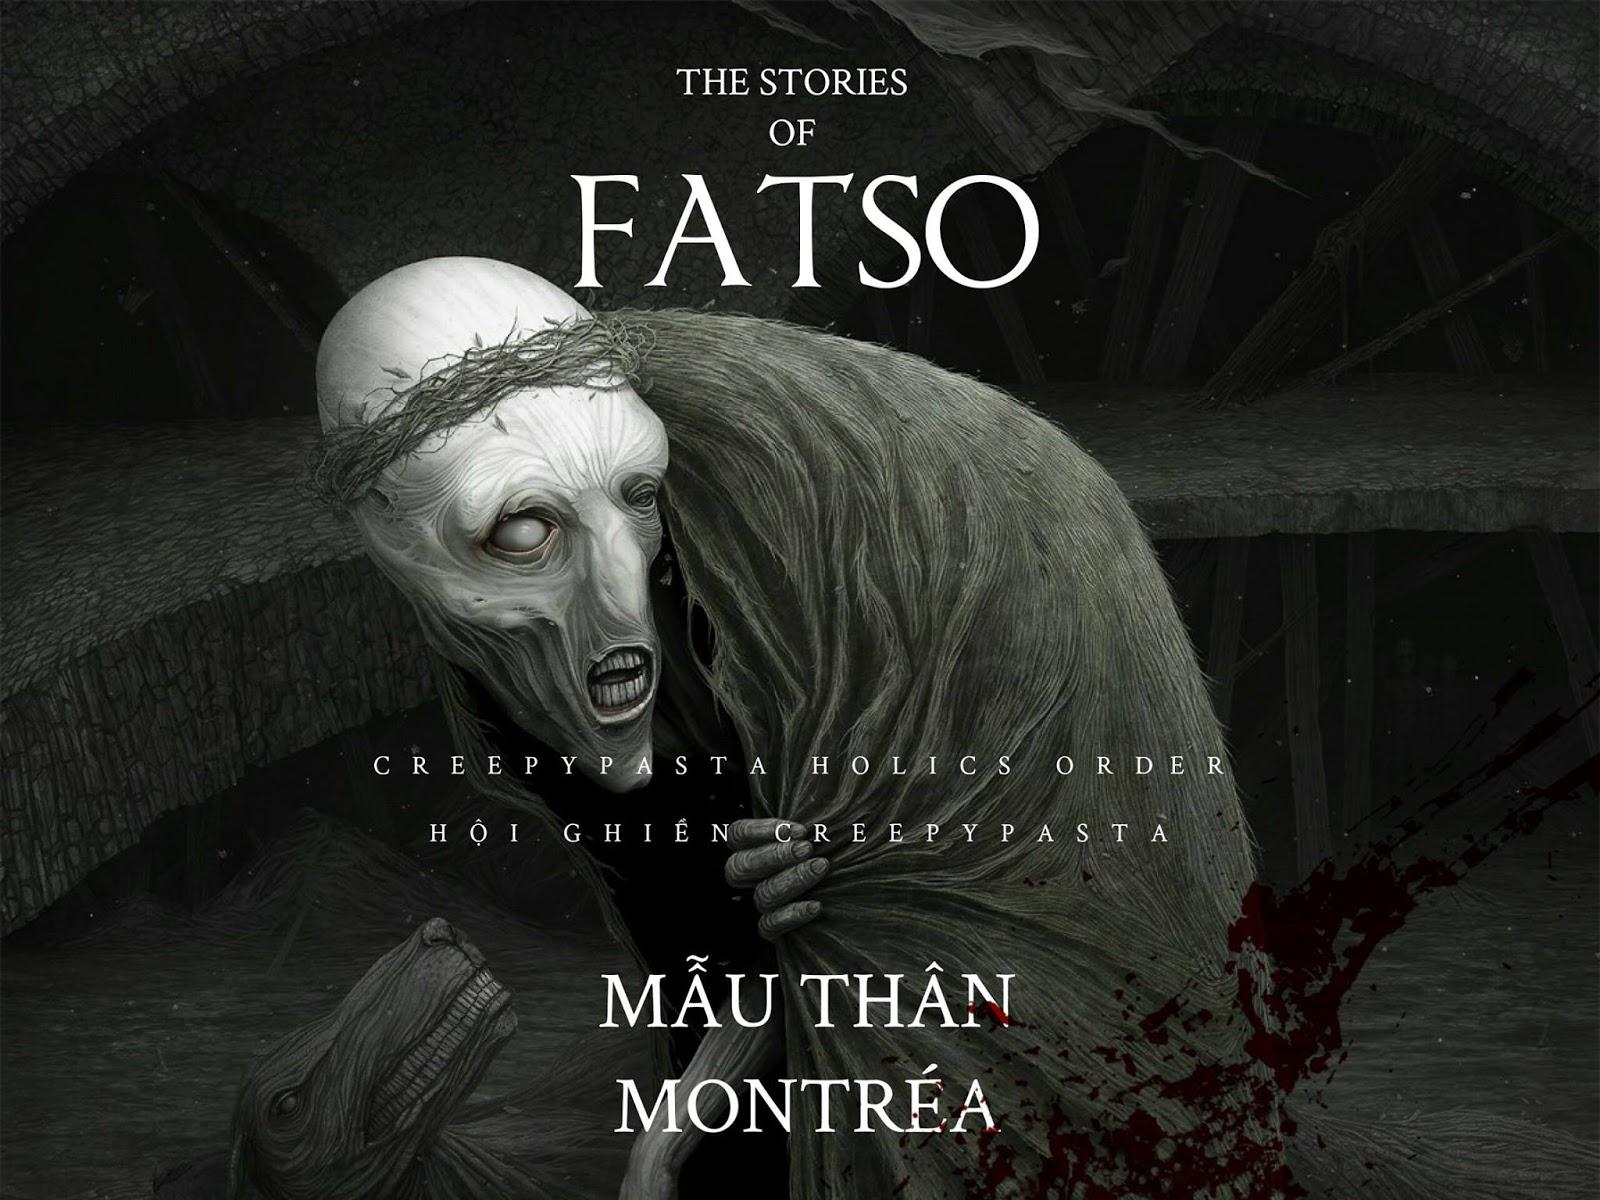 Series 'Những câu chuyện về Fatso' - Phần 2: Mẫu Thân Montréa